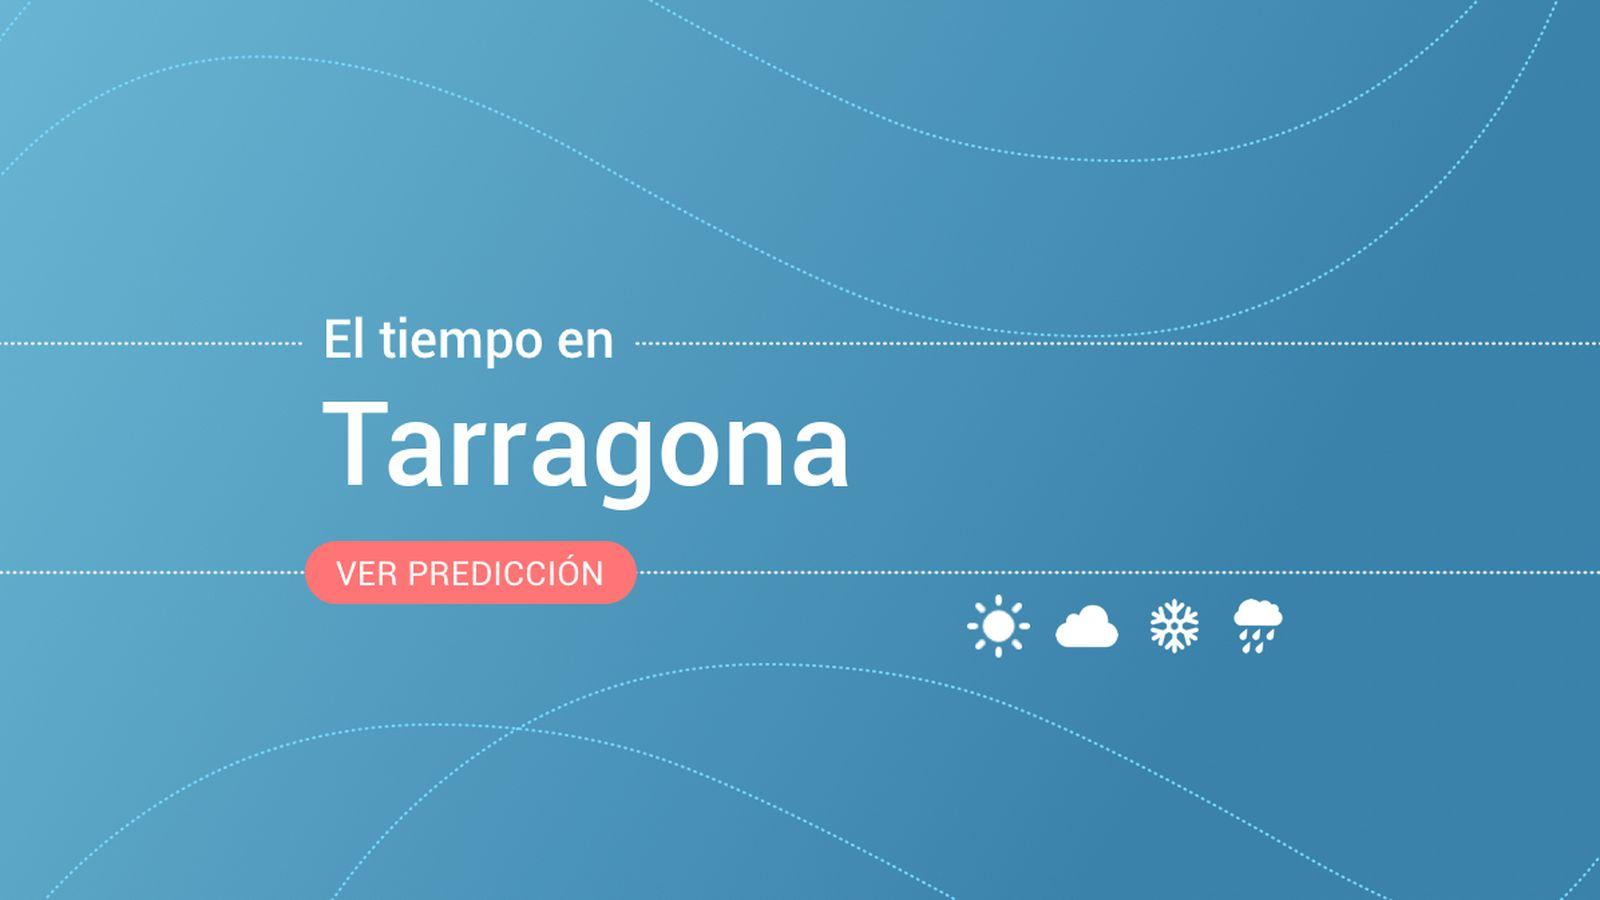 Foto: El tiempo en Tarragona. (EC)